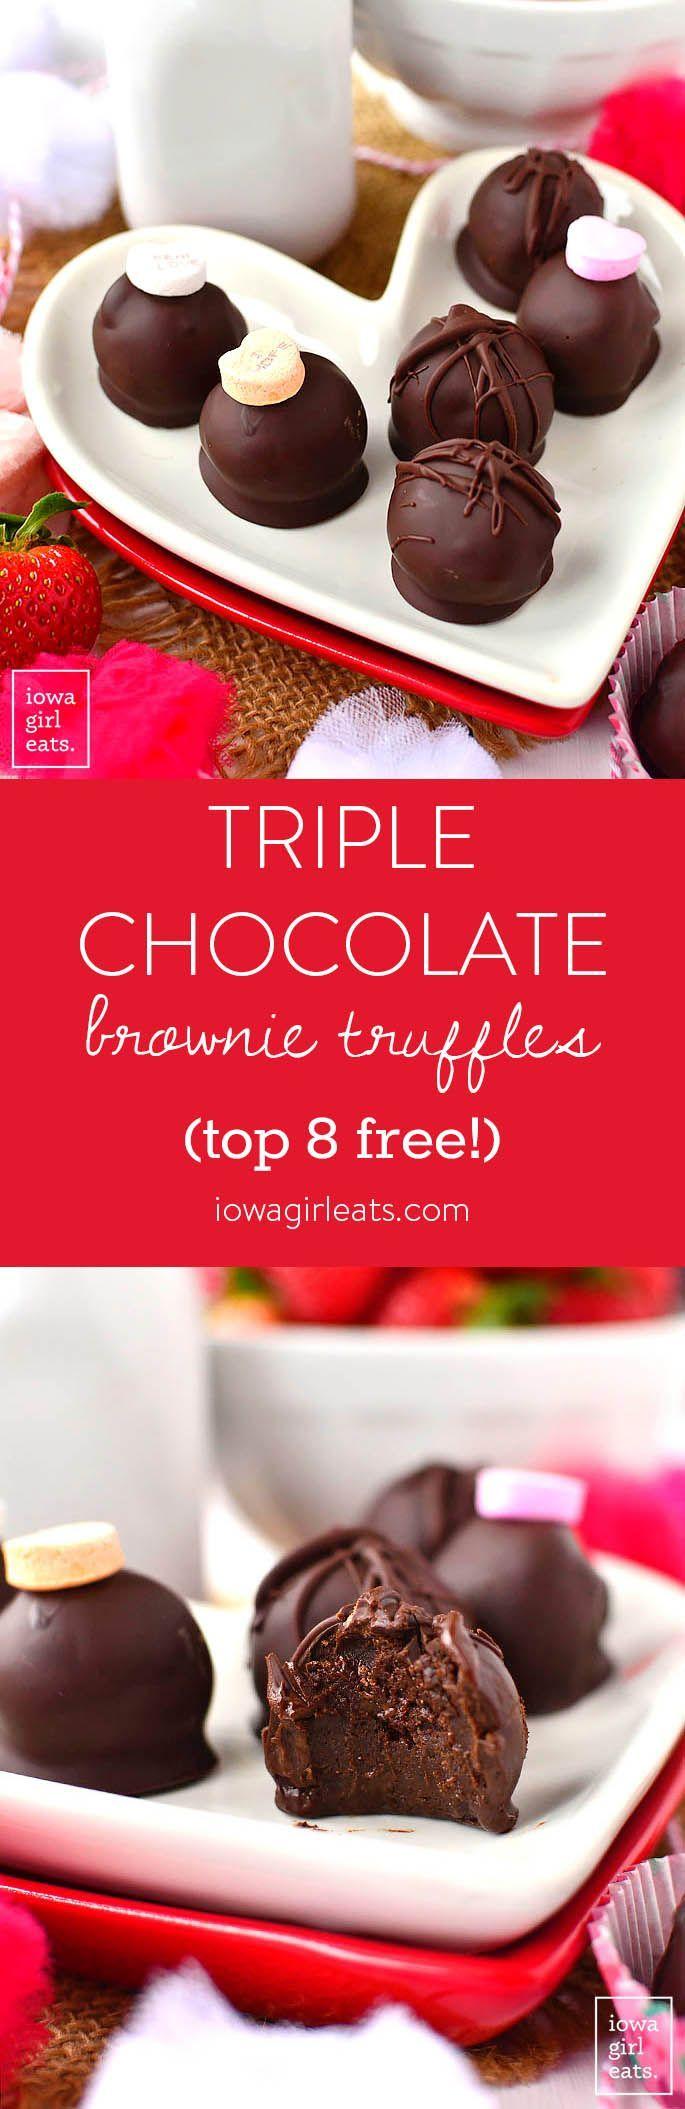 트리플 초콜릿 브라우니 트러플